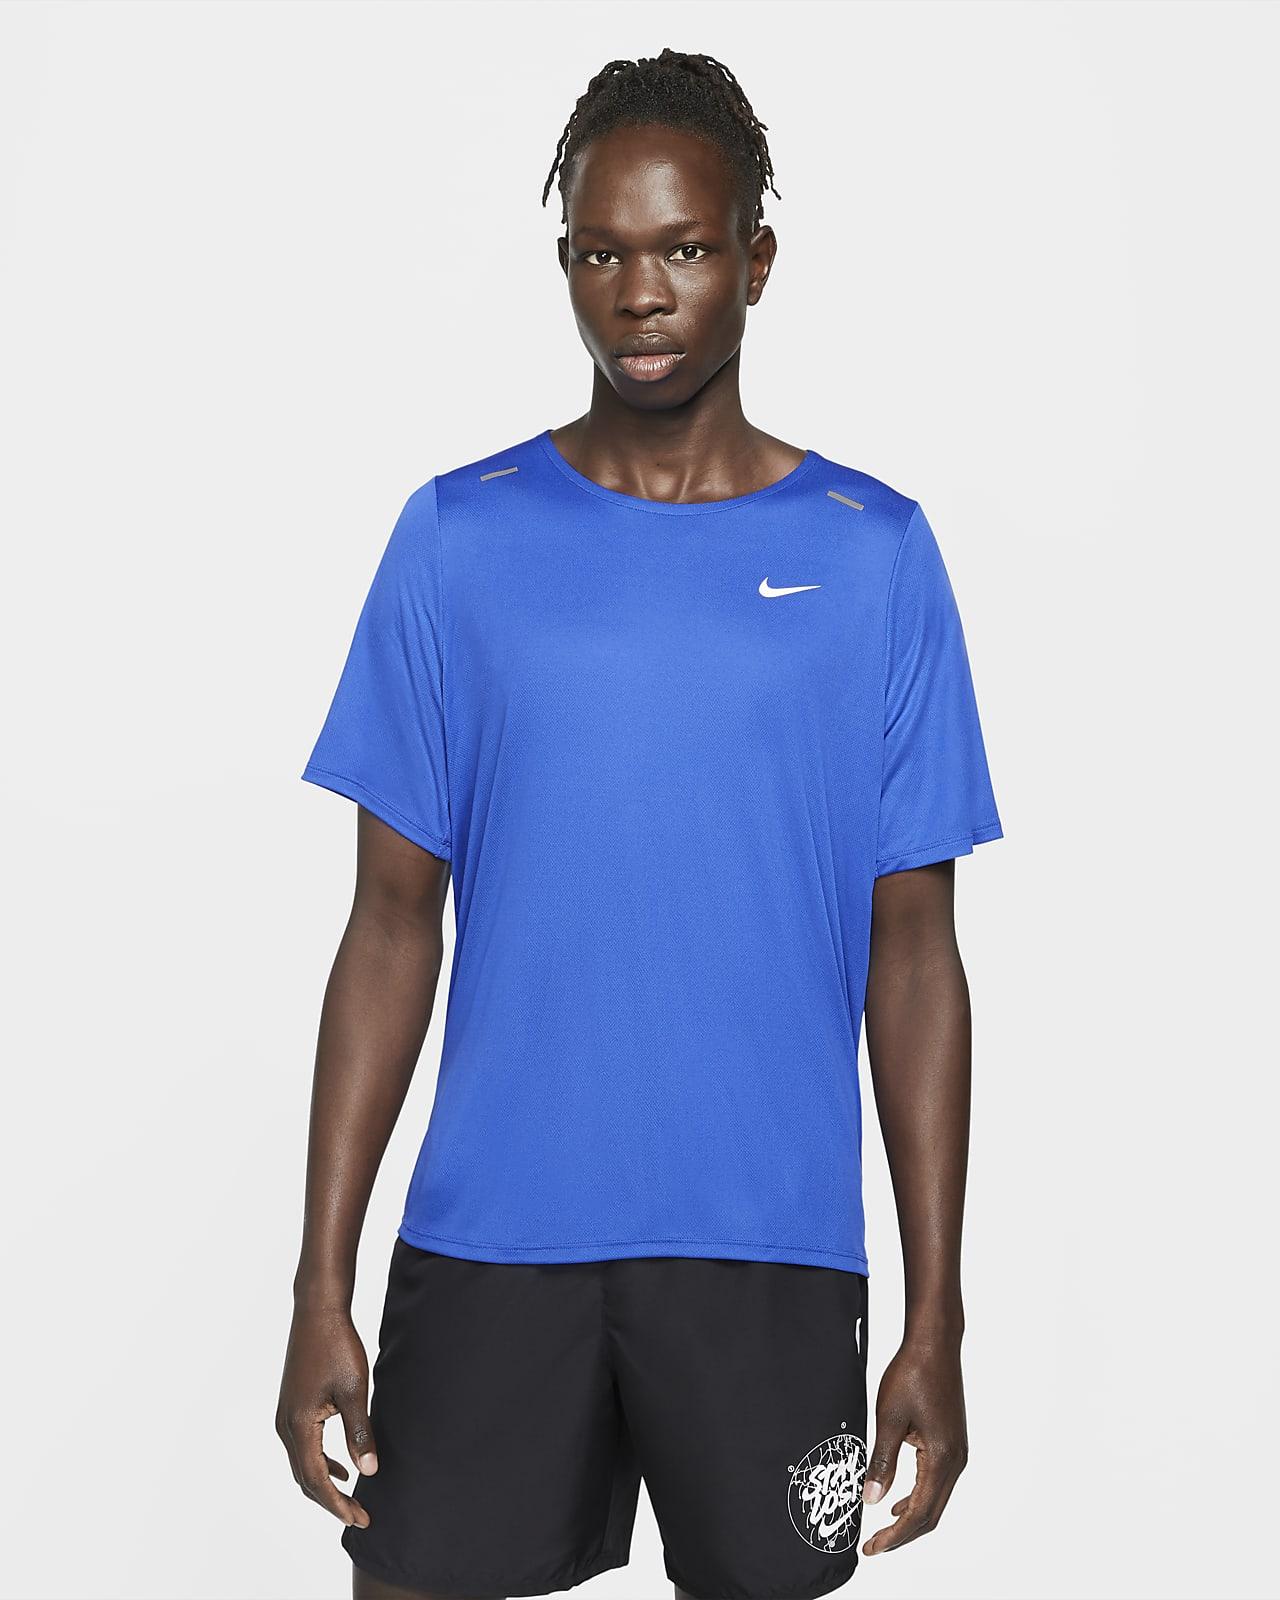 Ανδρική κοντομάνικη μπλούζα Nike Rise 365 Wild Run